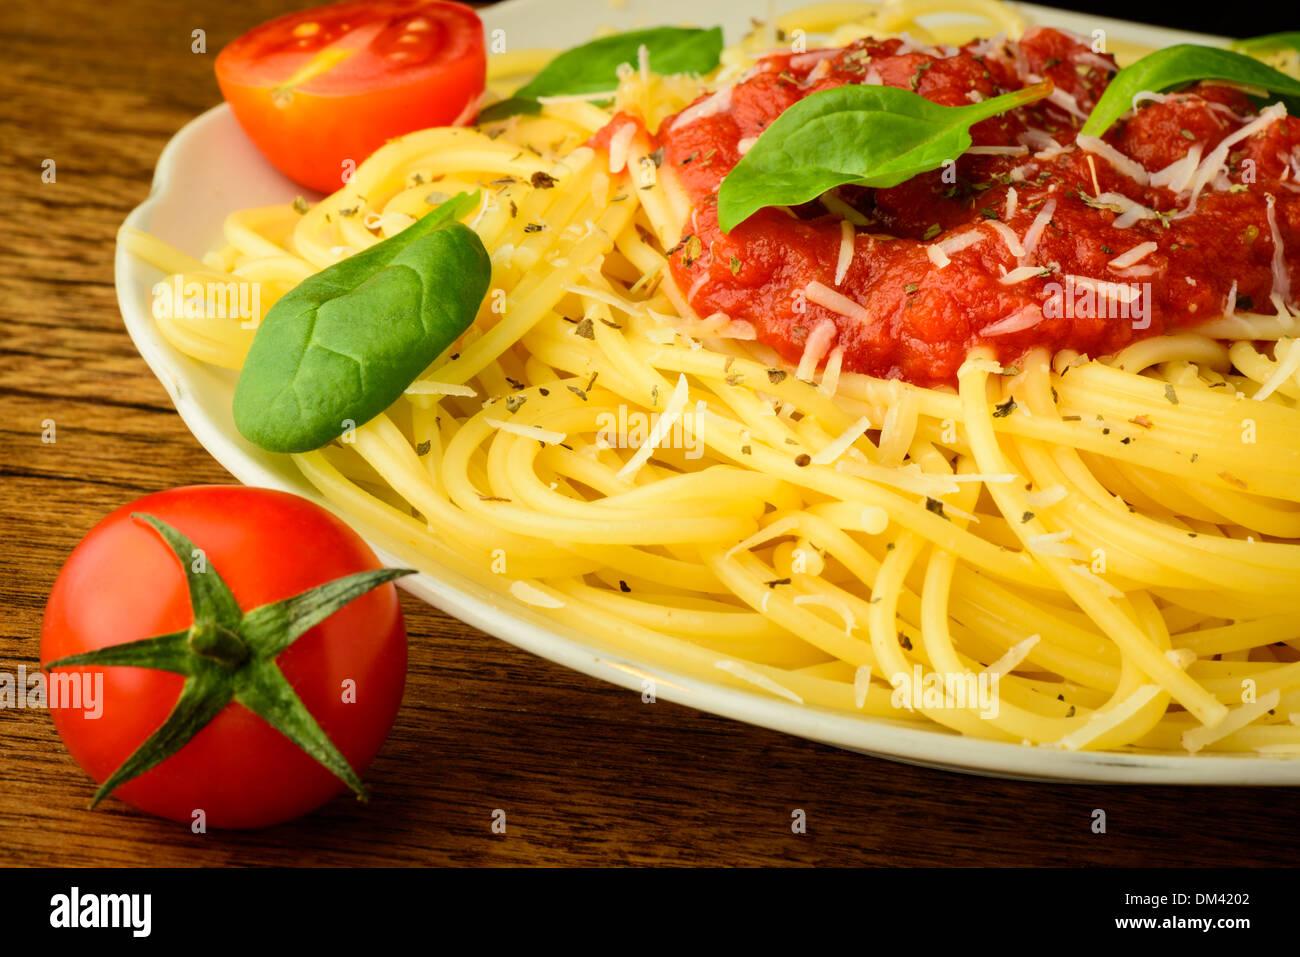 Spaghetti traditionnelles pâtes avec sauce tomate sur une plaque Photo Stock